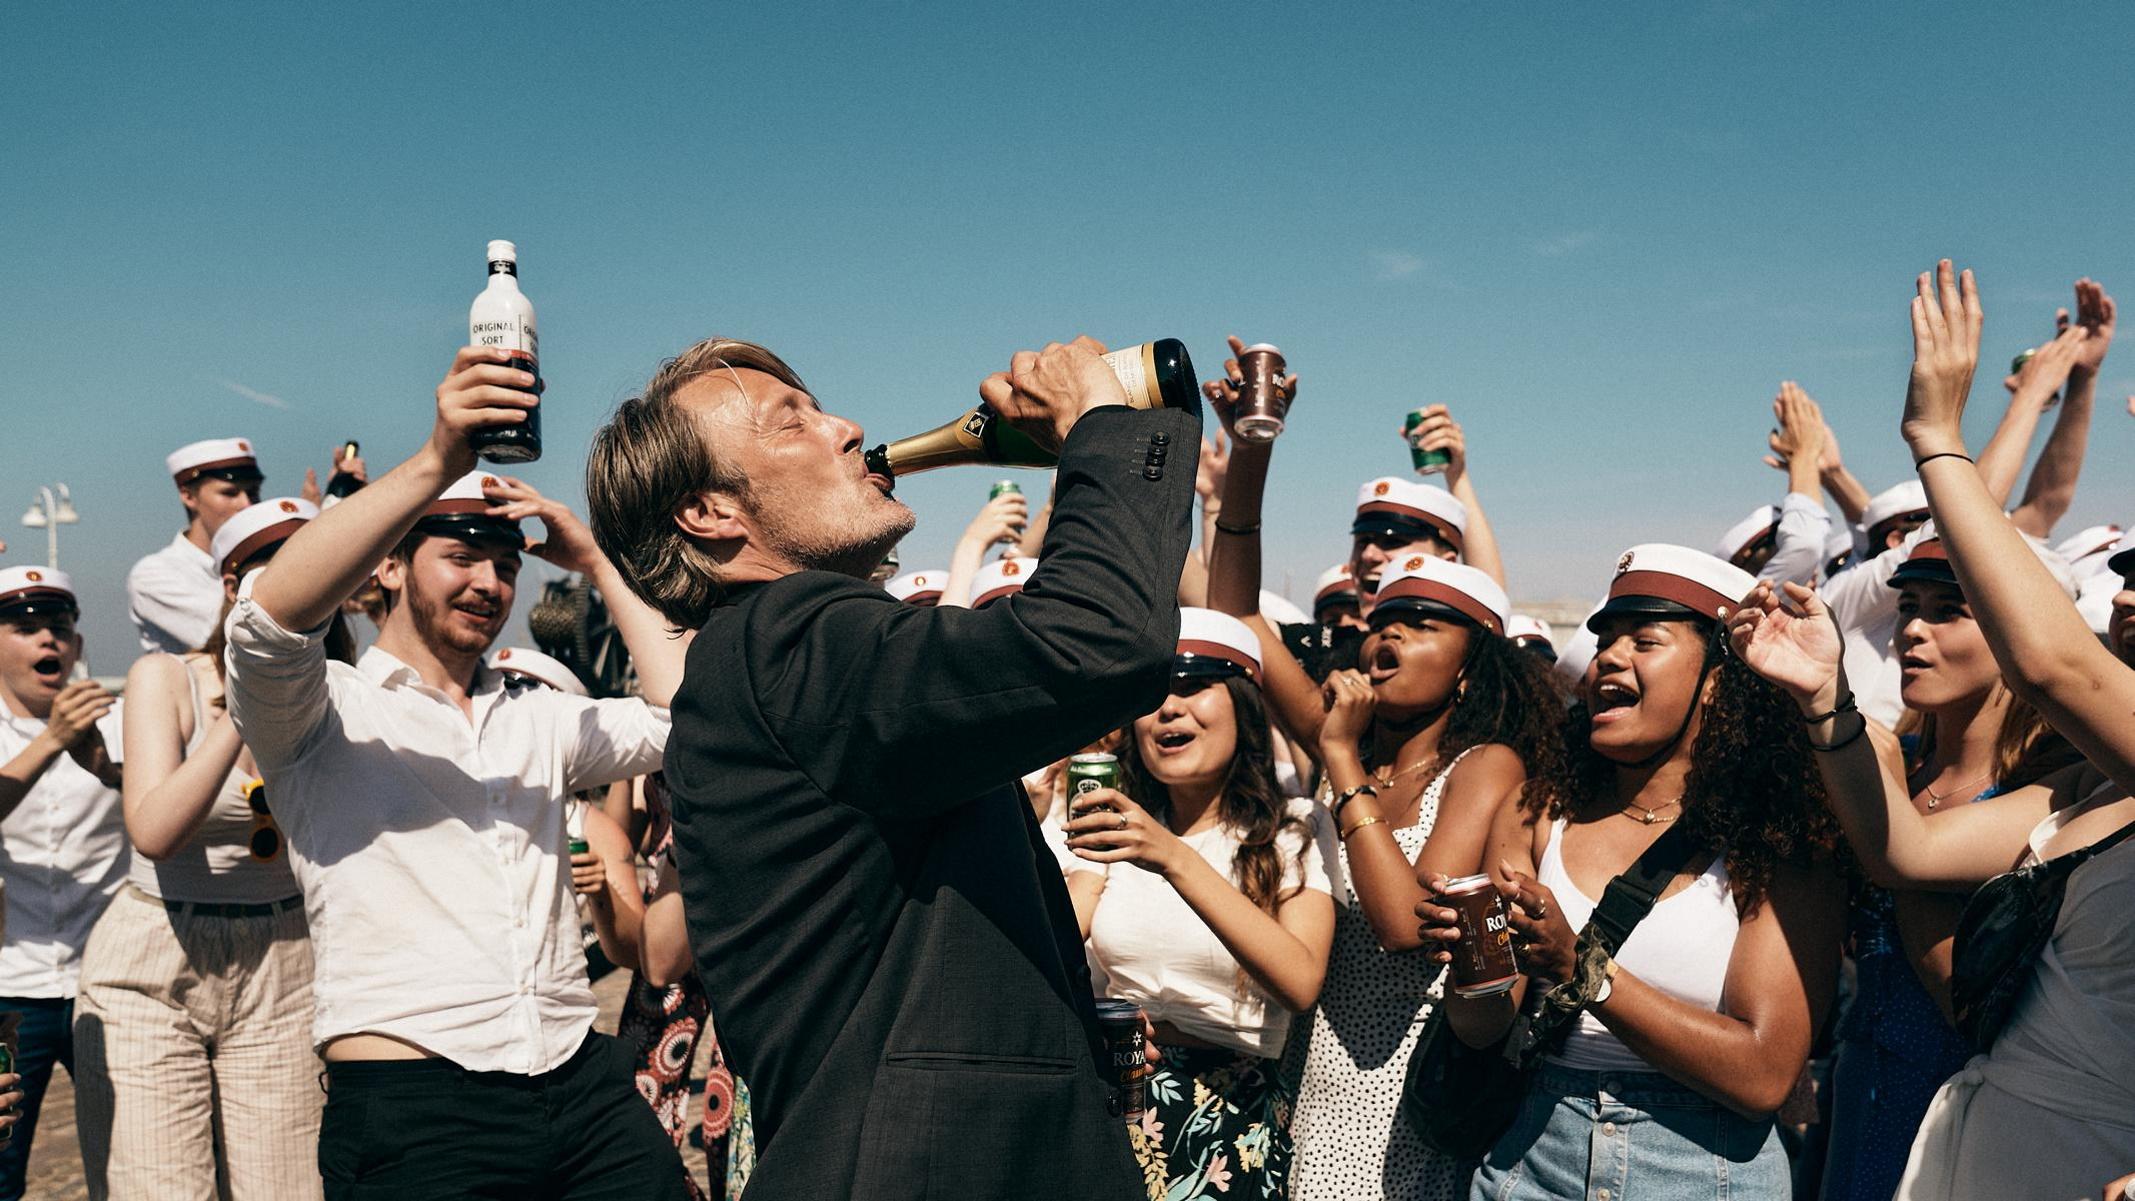 Περιμένοντας τα Όσκαρ:  Το Φεστιβάλ Δράμας «πίνει στην υγειά» της υποψηφιότητας της ταινίας «Άσπρος Πάτος» (video)